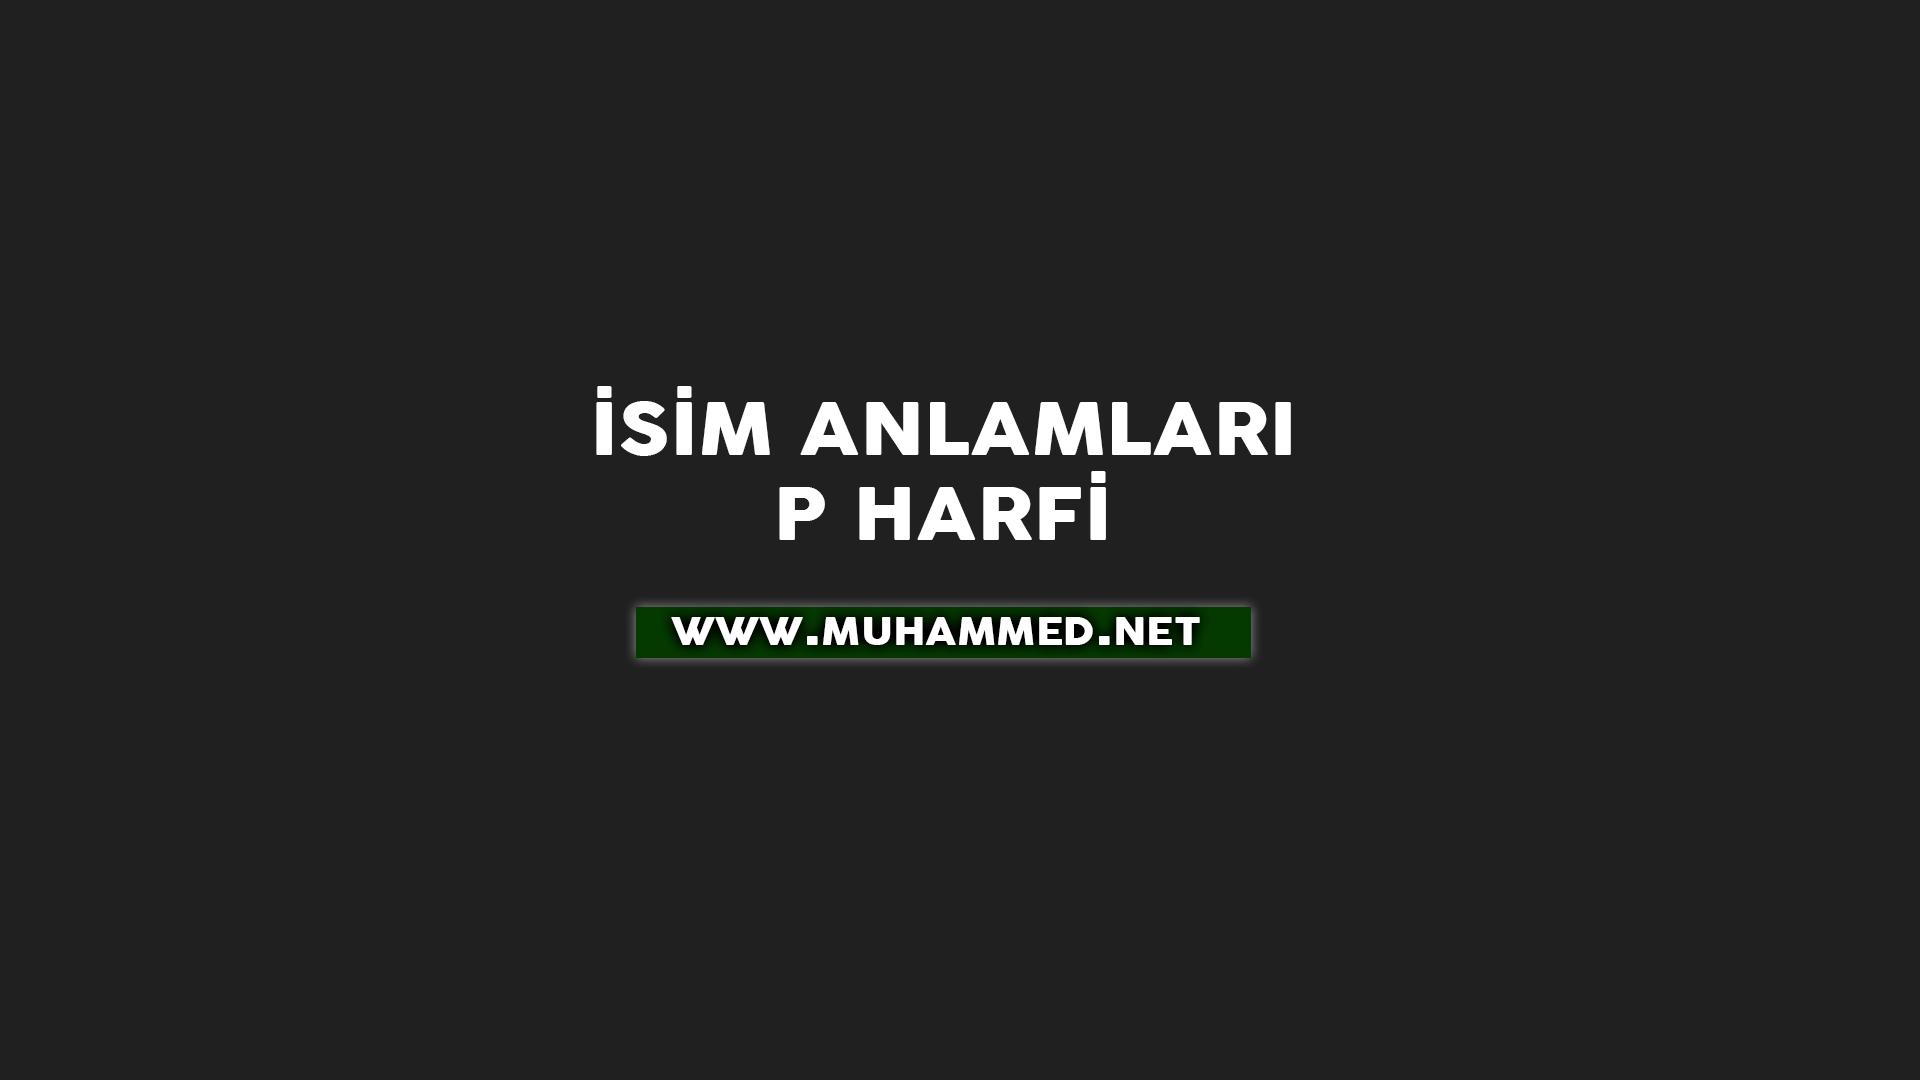 İsim Anlamları - P Harfi